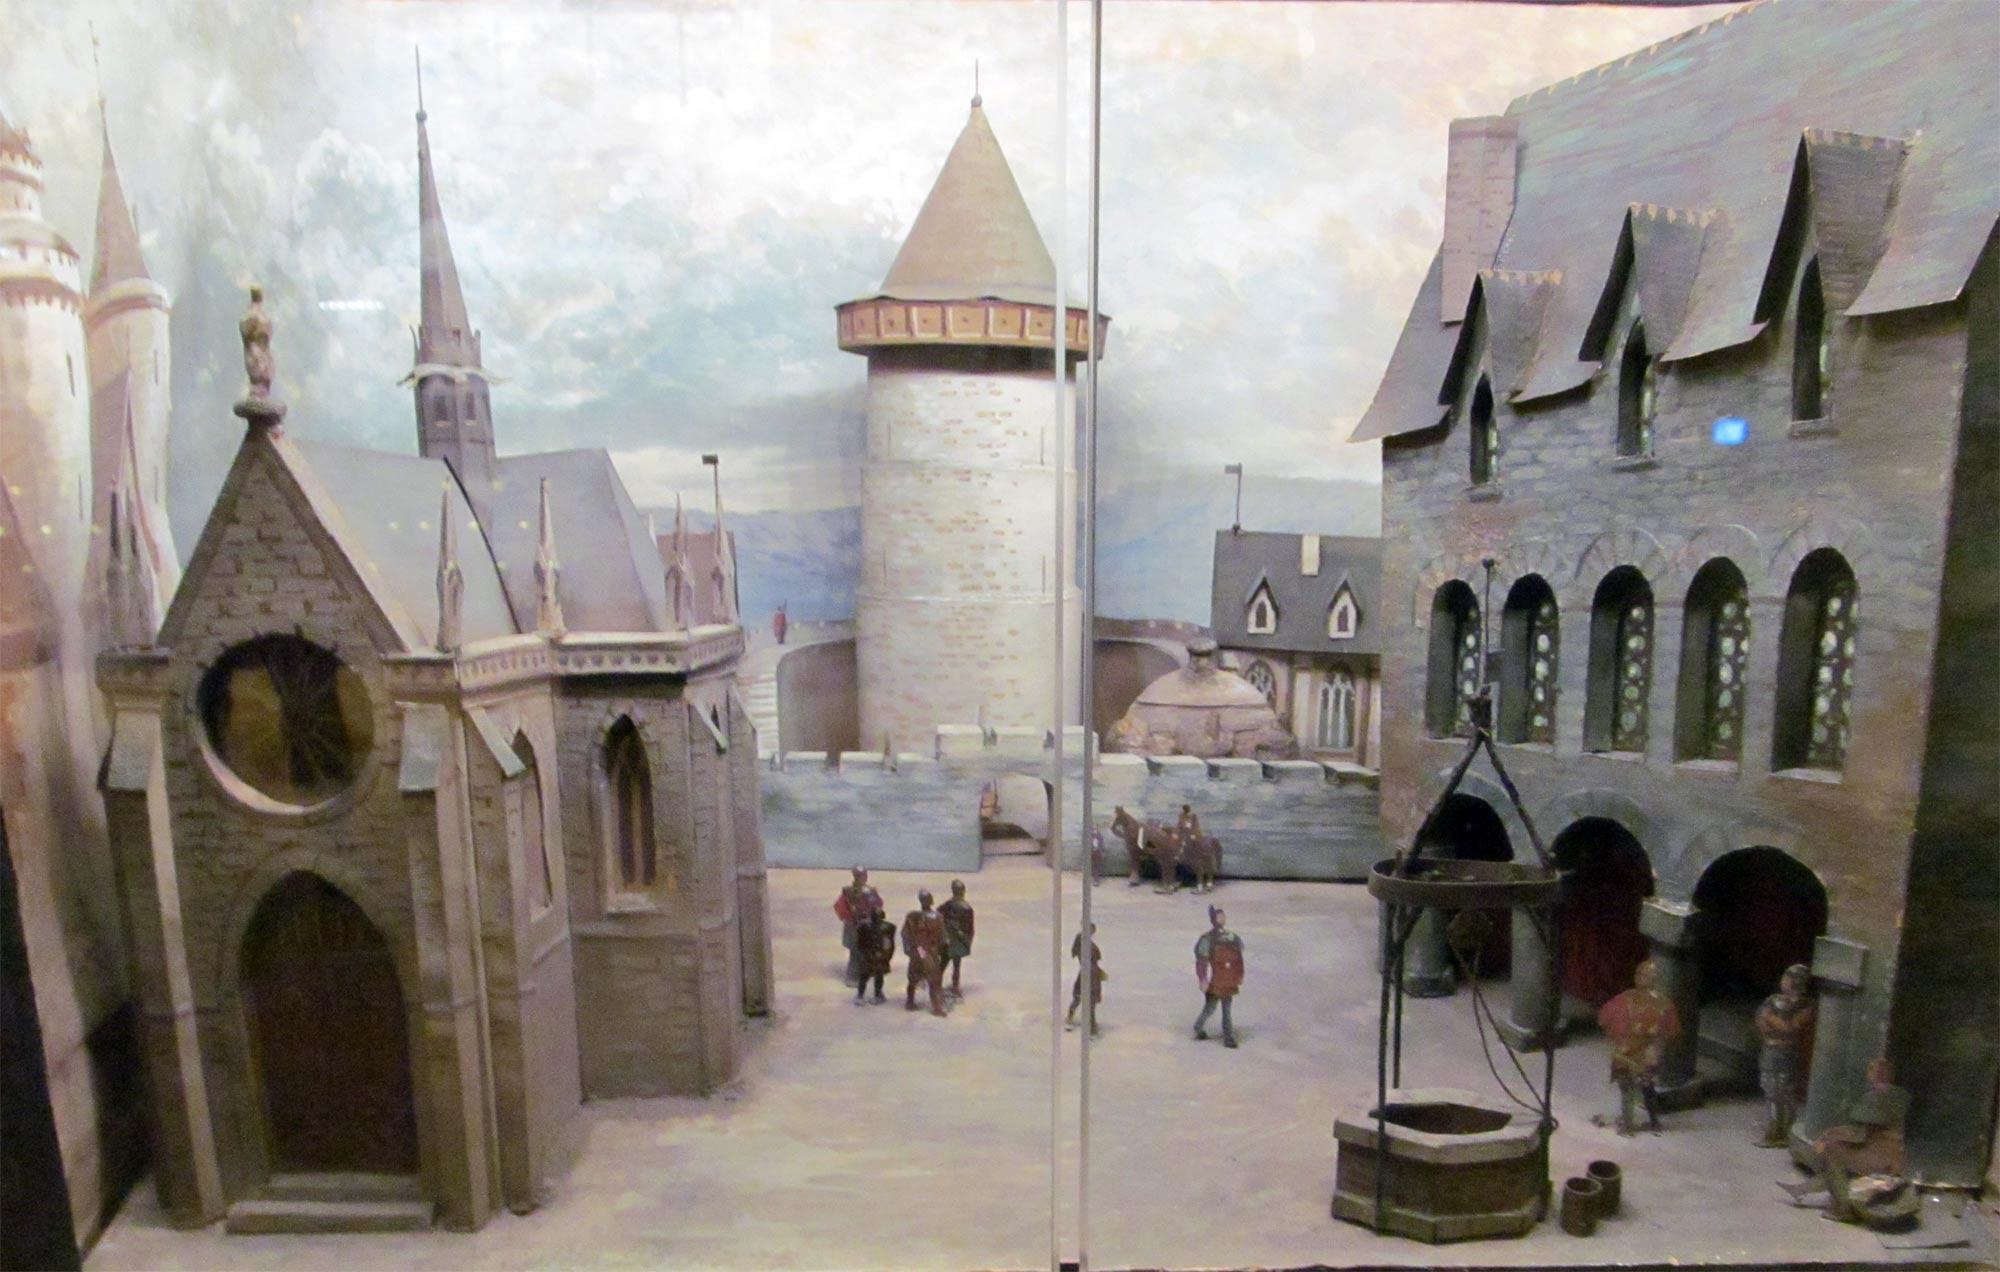 экскурсия в Норманди. Башня Жанны д'Арк